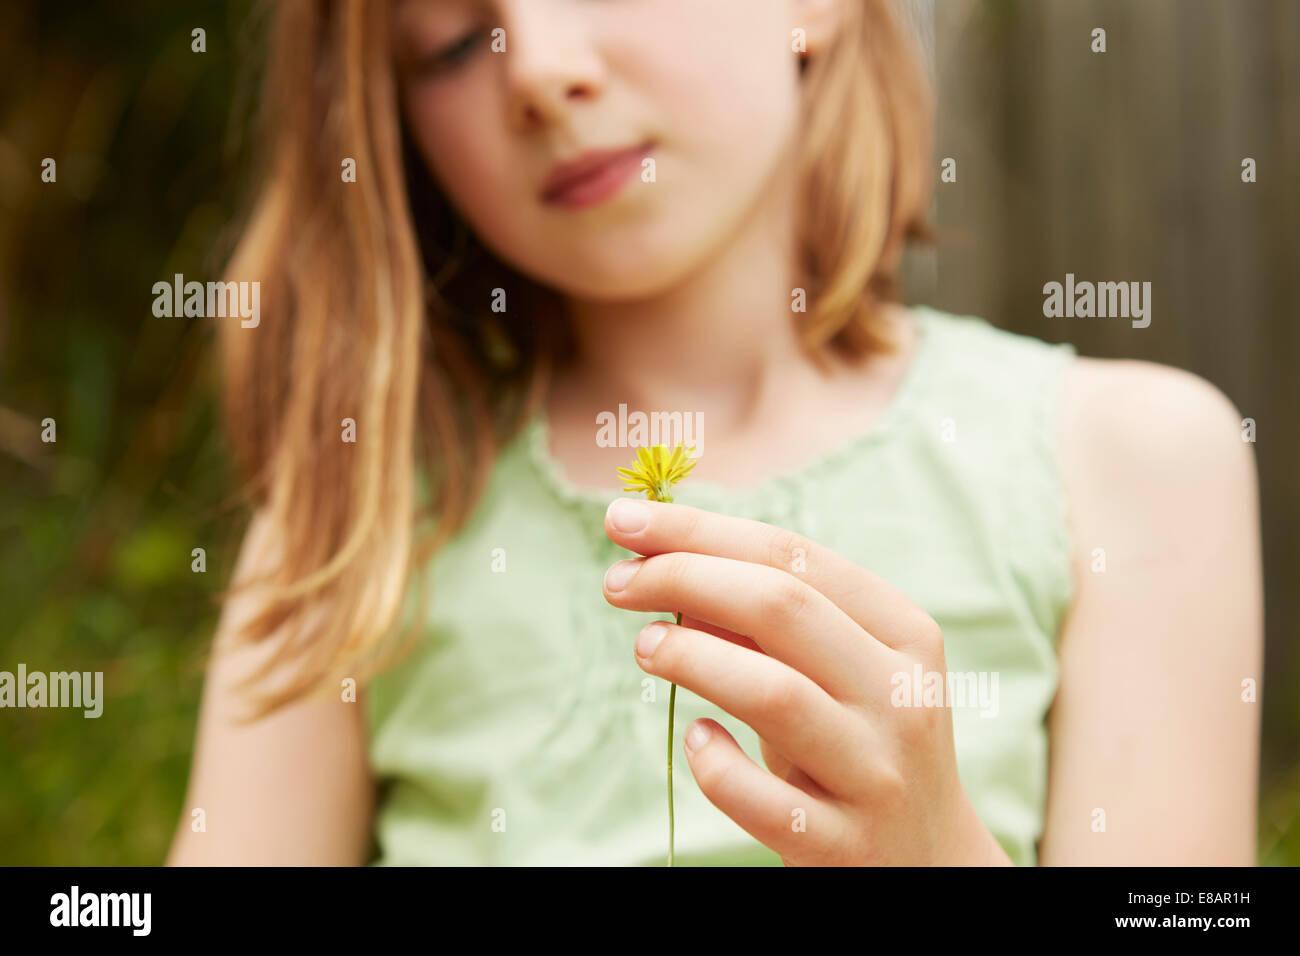 Ritagliato shot della ragazza con azienda fiore di dente di leone Foto Stock